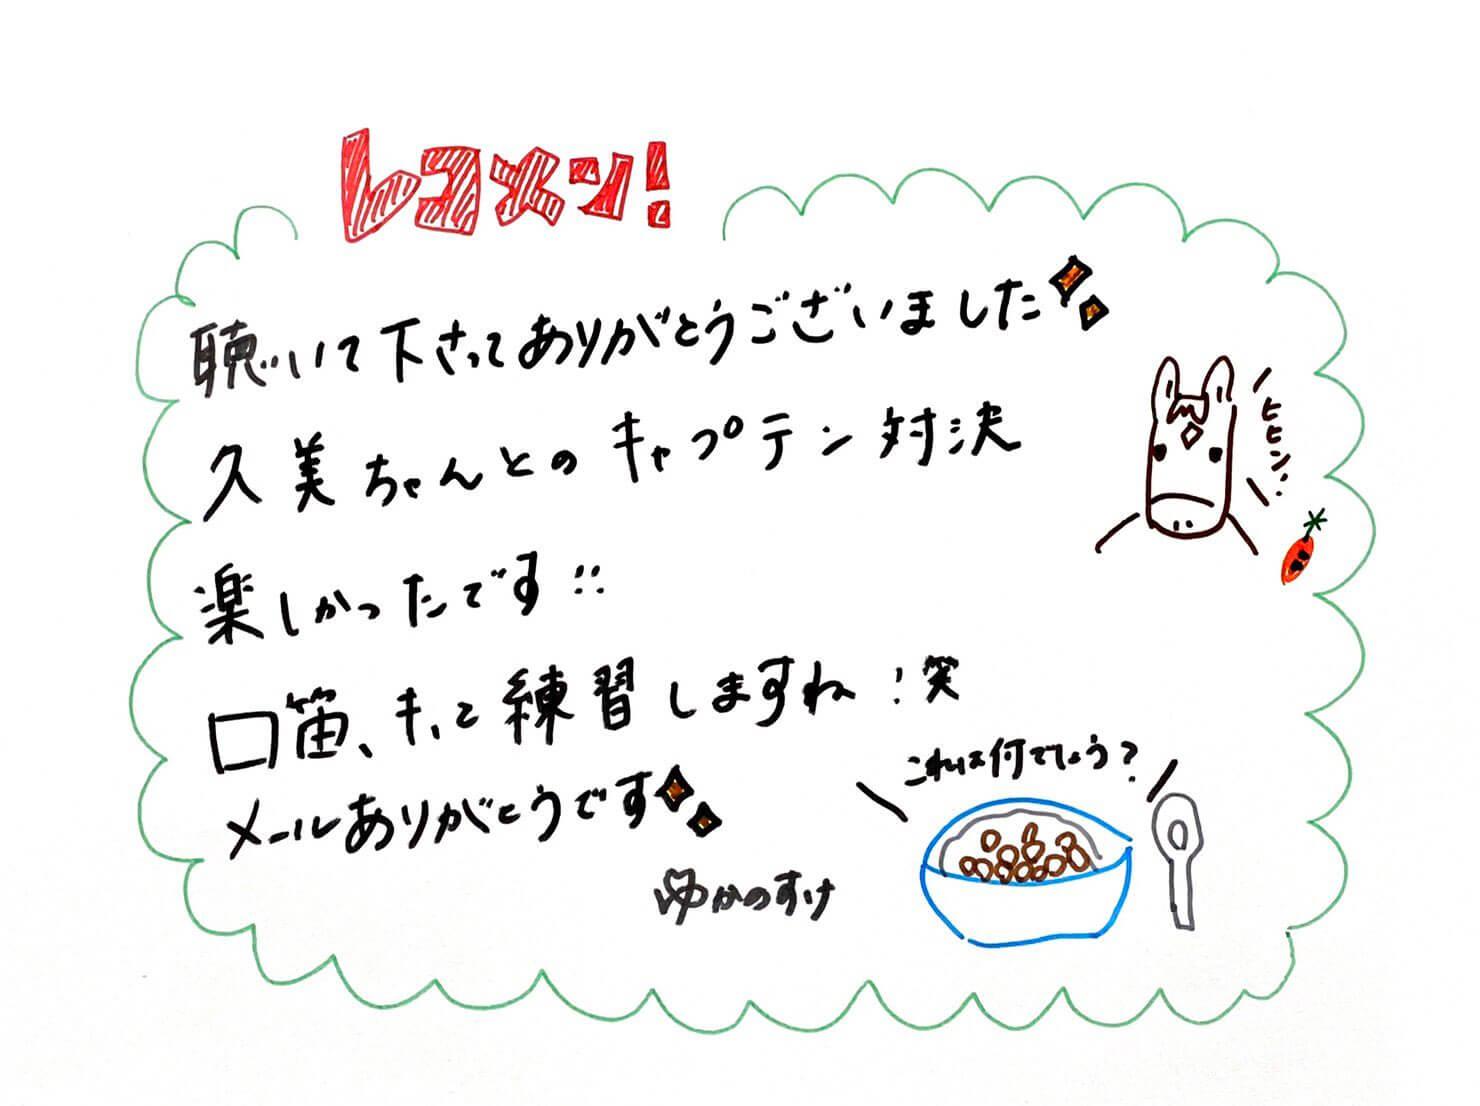 5/24(月)日向坂46と櫻坂46 両キャプテンの共通点は『目立ちたい時はUFOの話』